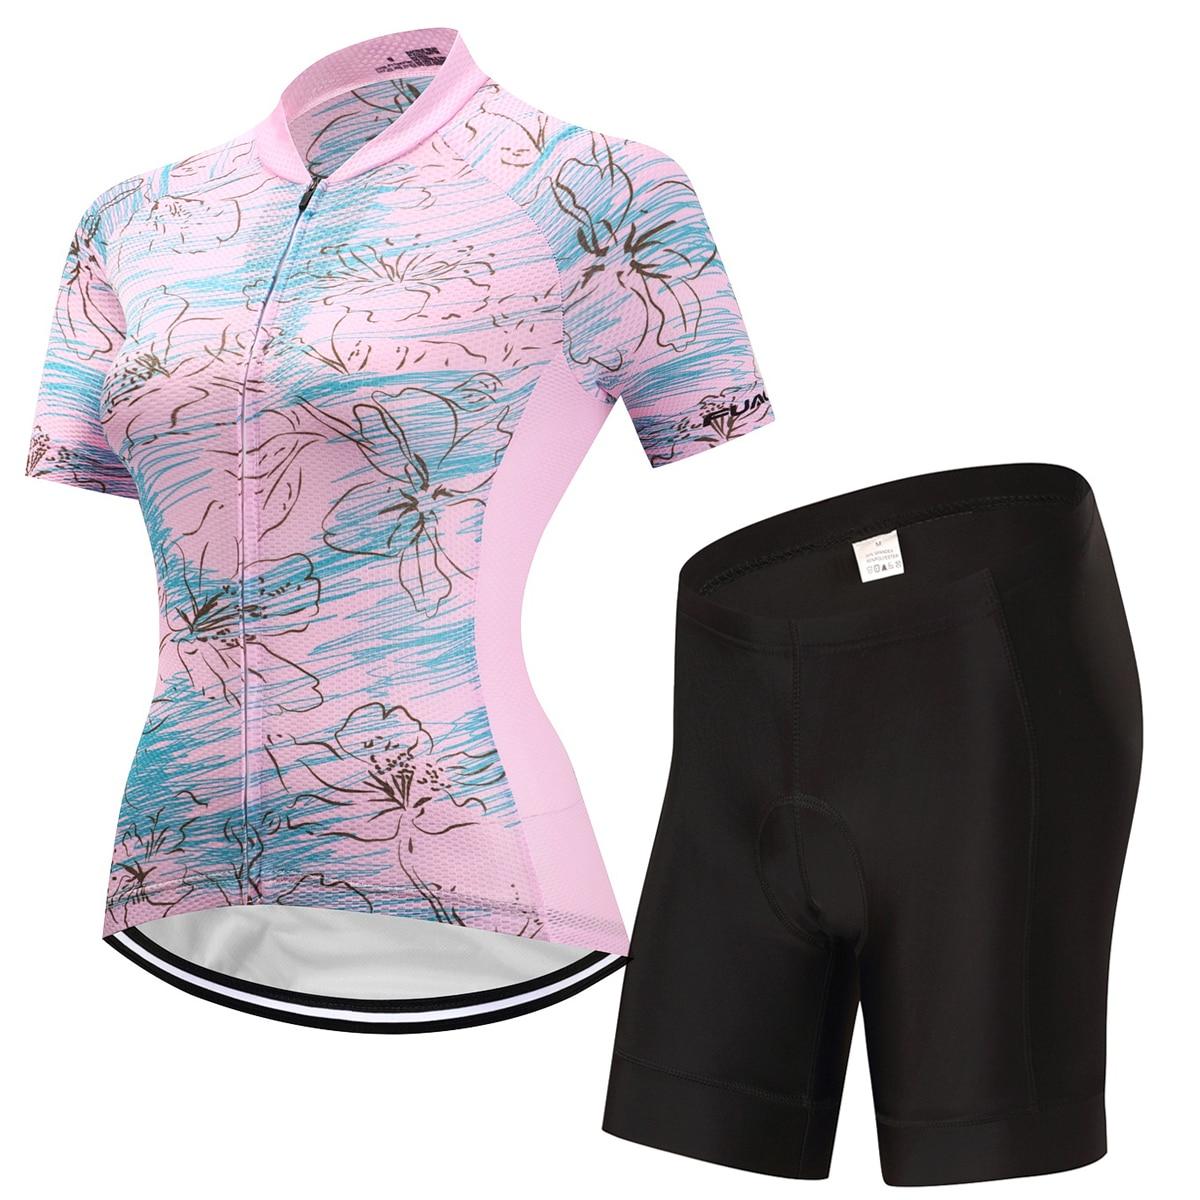 2017 Для женщин Велосипедная форма Лето MTB велосипеда Велоспорт Джерси Наборы для ухода за кожей Ropa Ciclismo дышащая Велосипедный Спорт Одежда Ма...